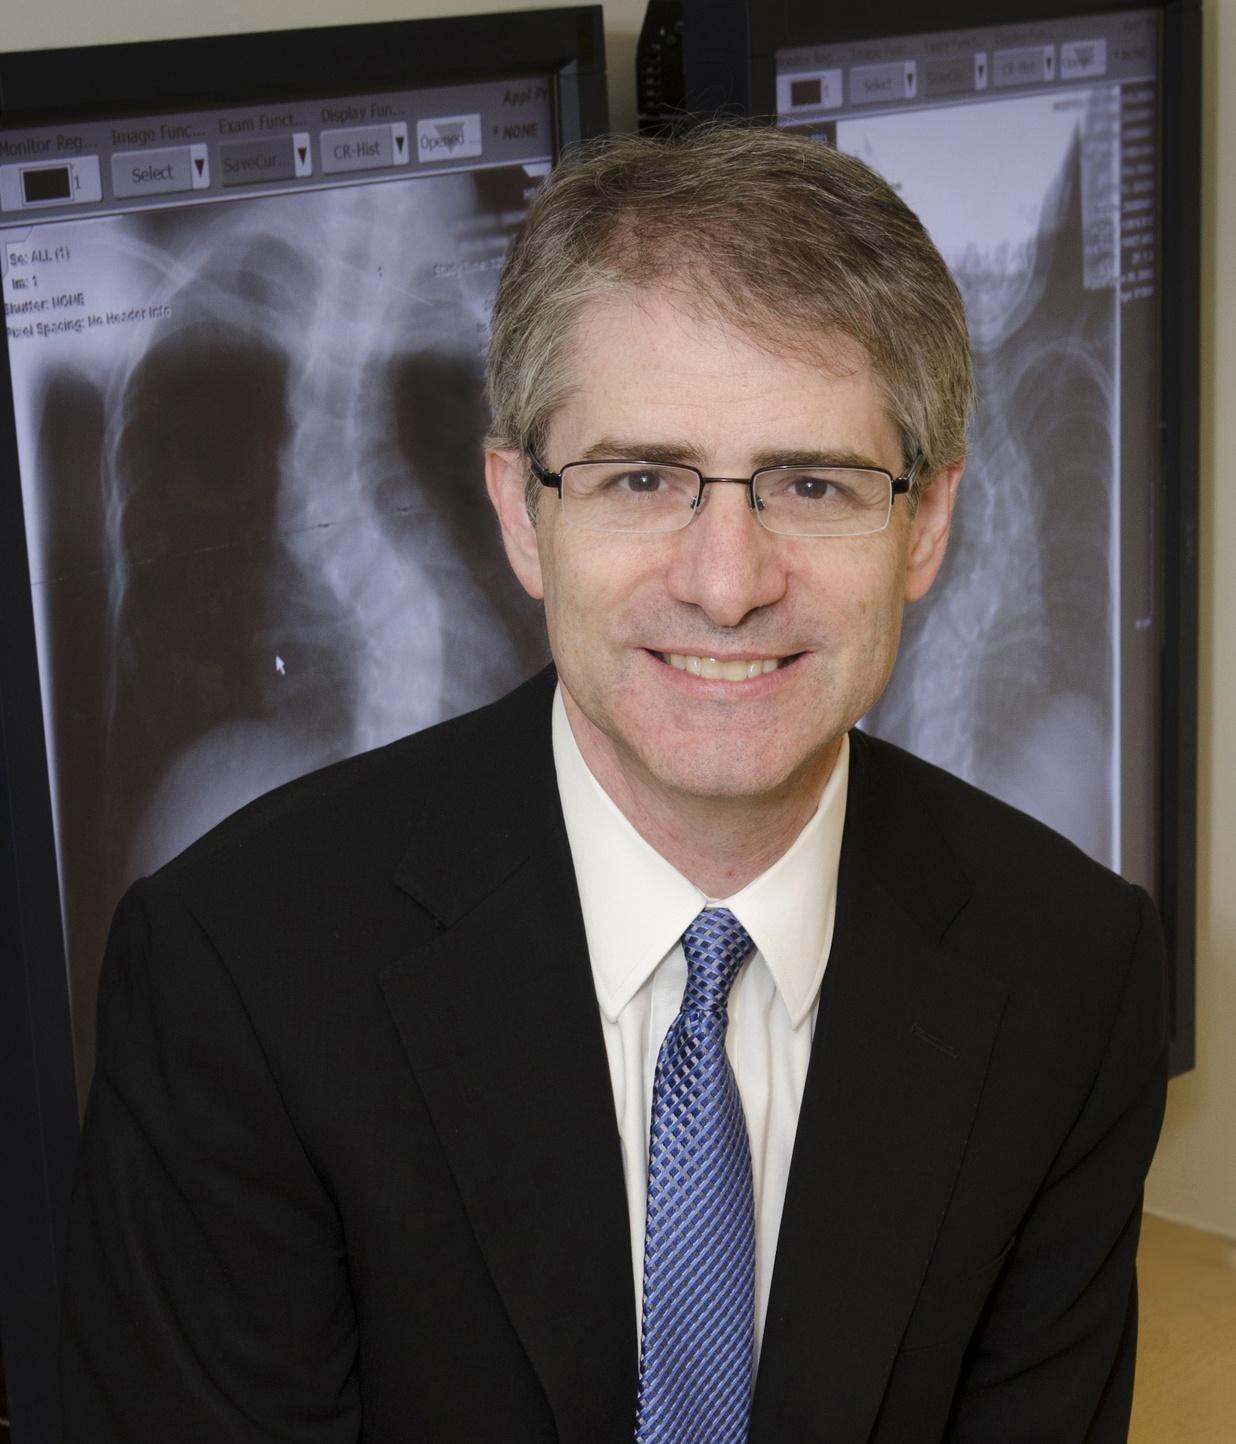 Benjamin A. Alman, MD, FRCSC